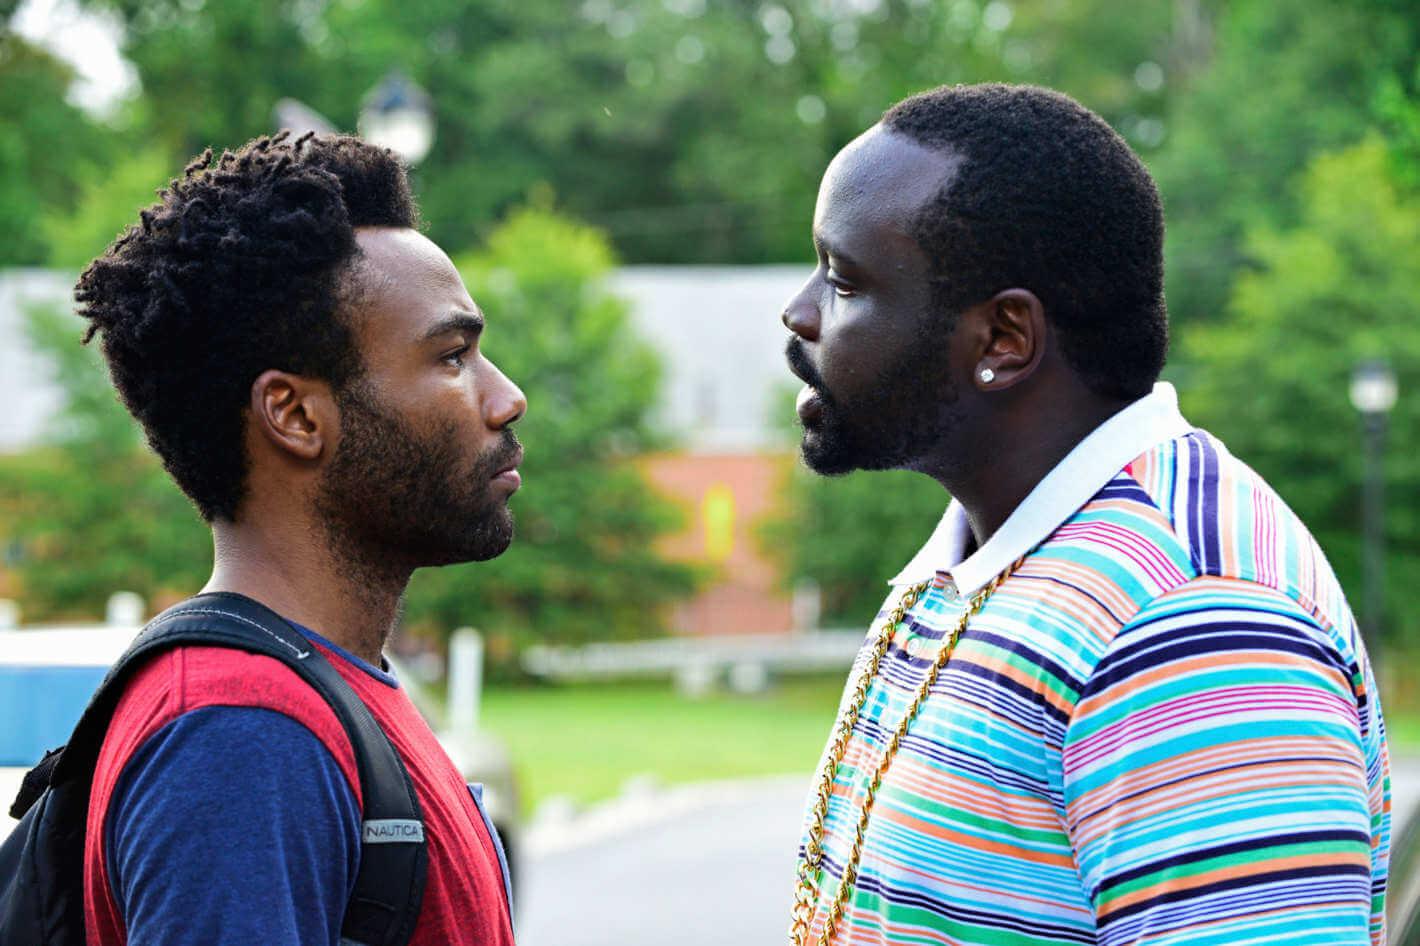 Atlanta Dizisinin İkinci Sezonundan Yeni Teaser